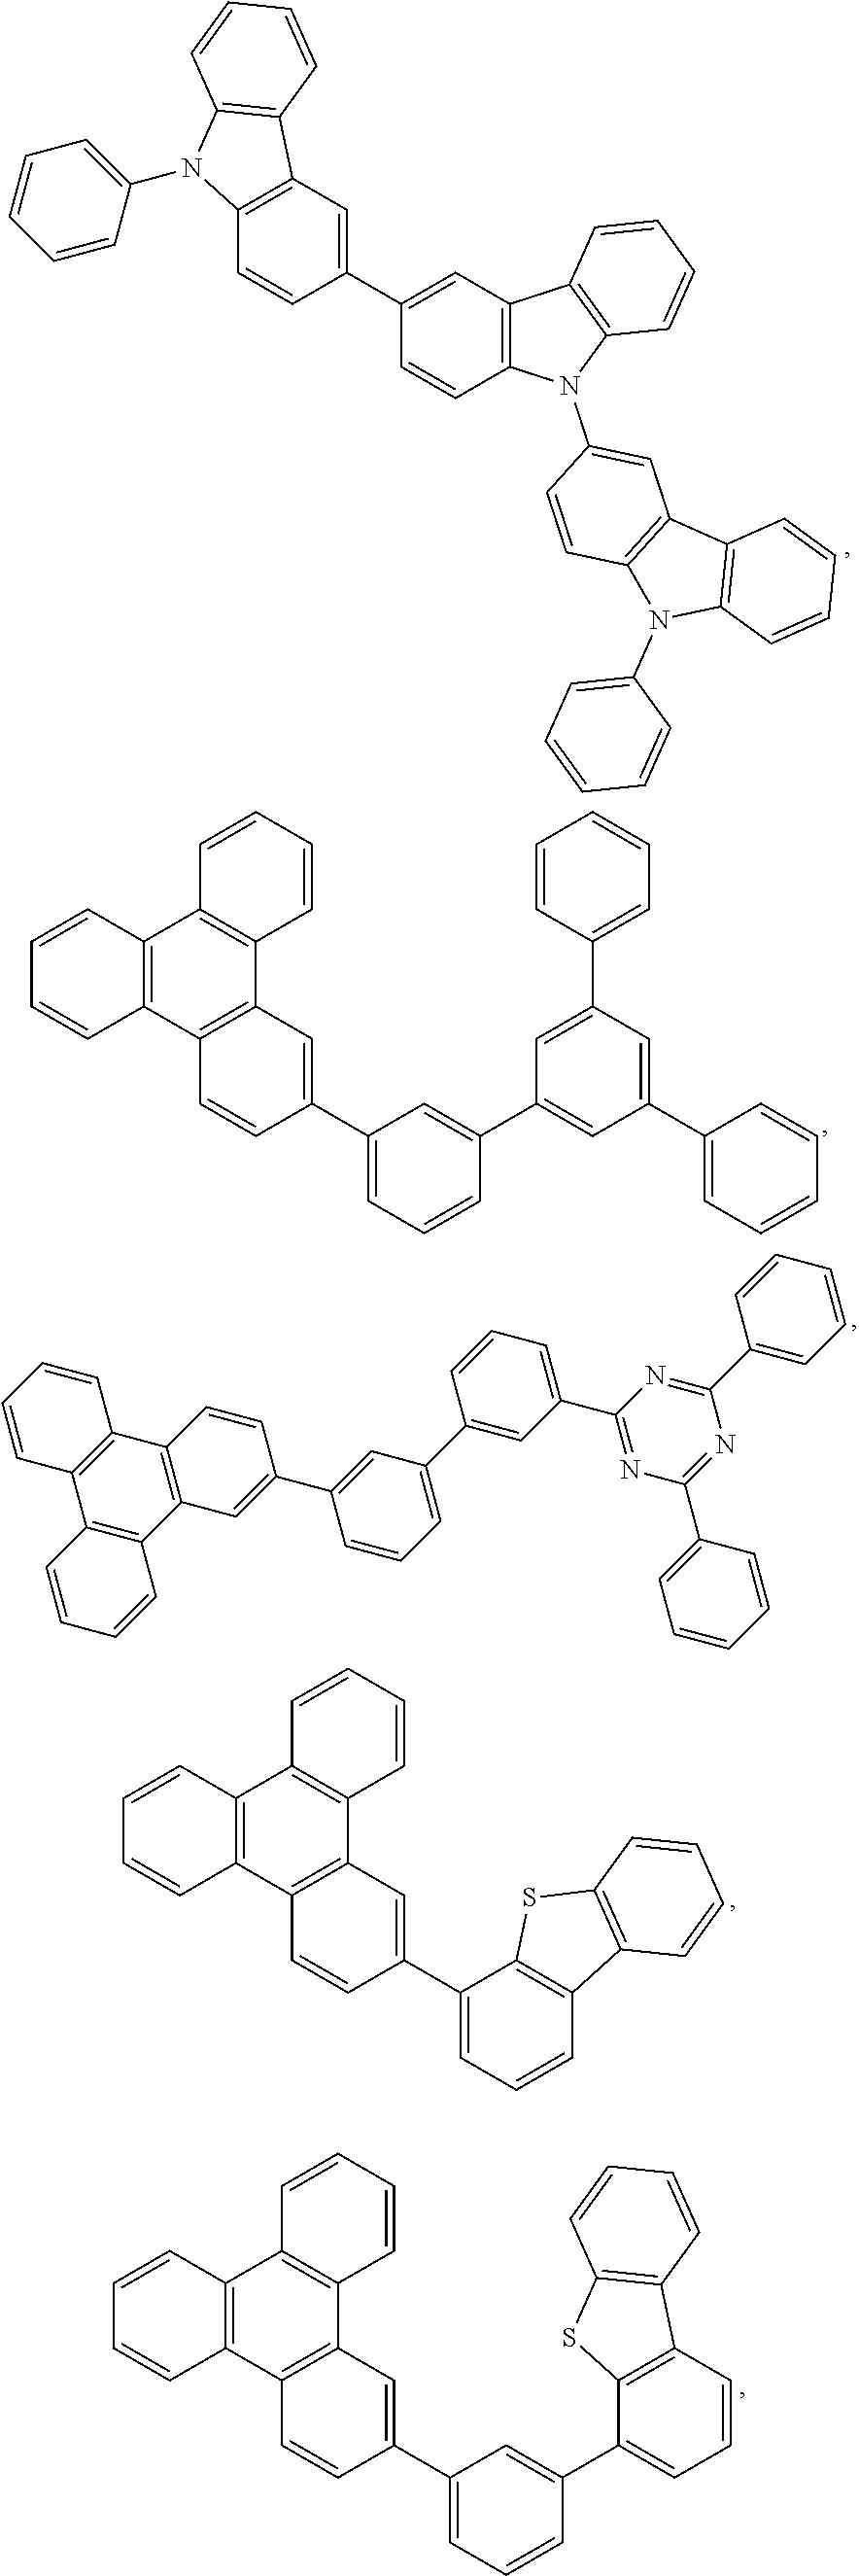 Figure US09450195-20160920-C00039